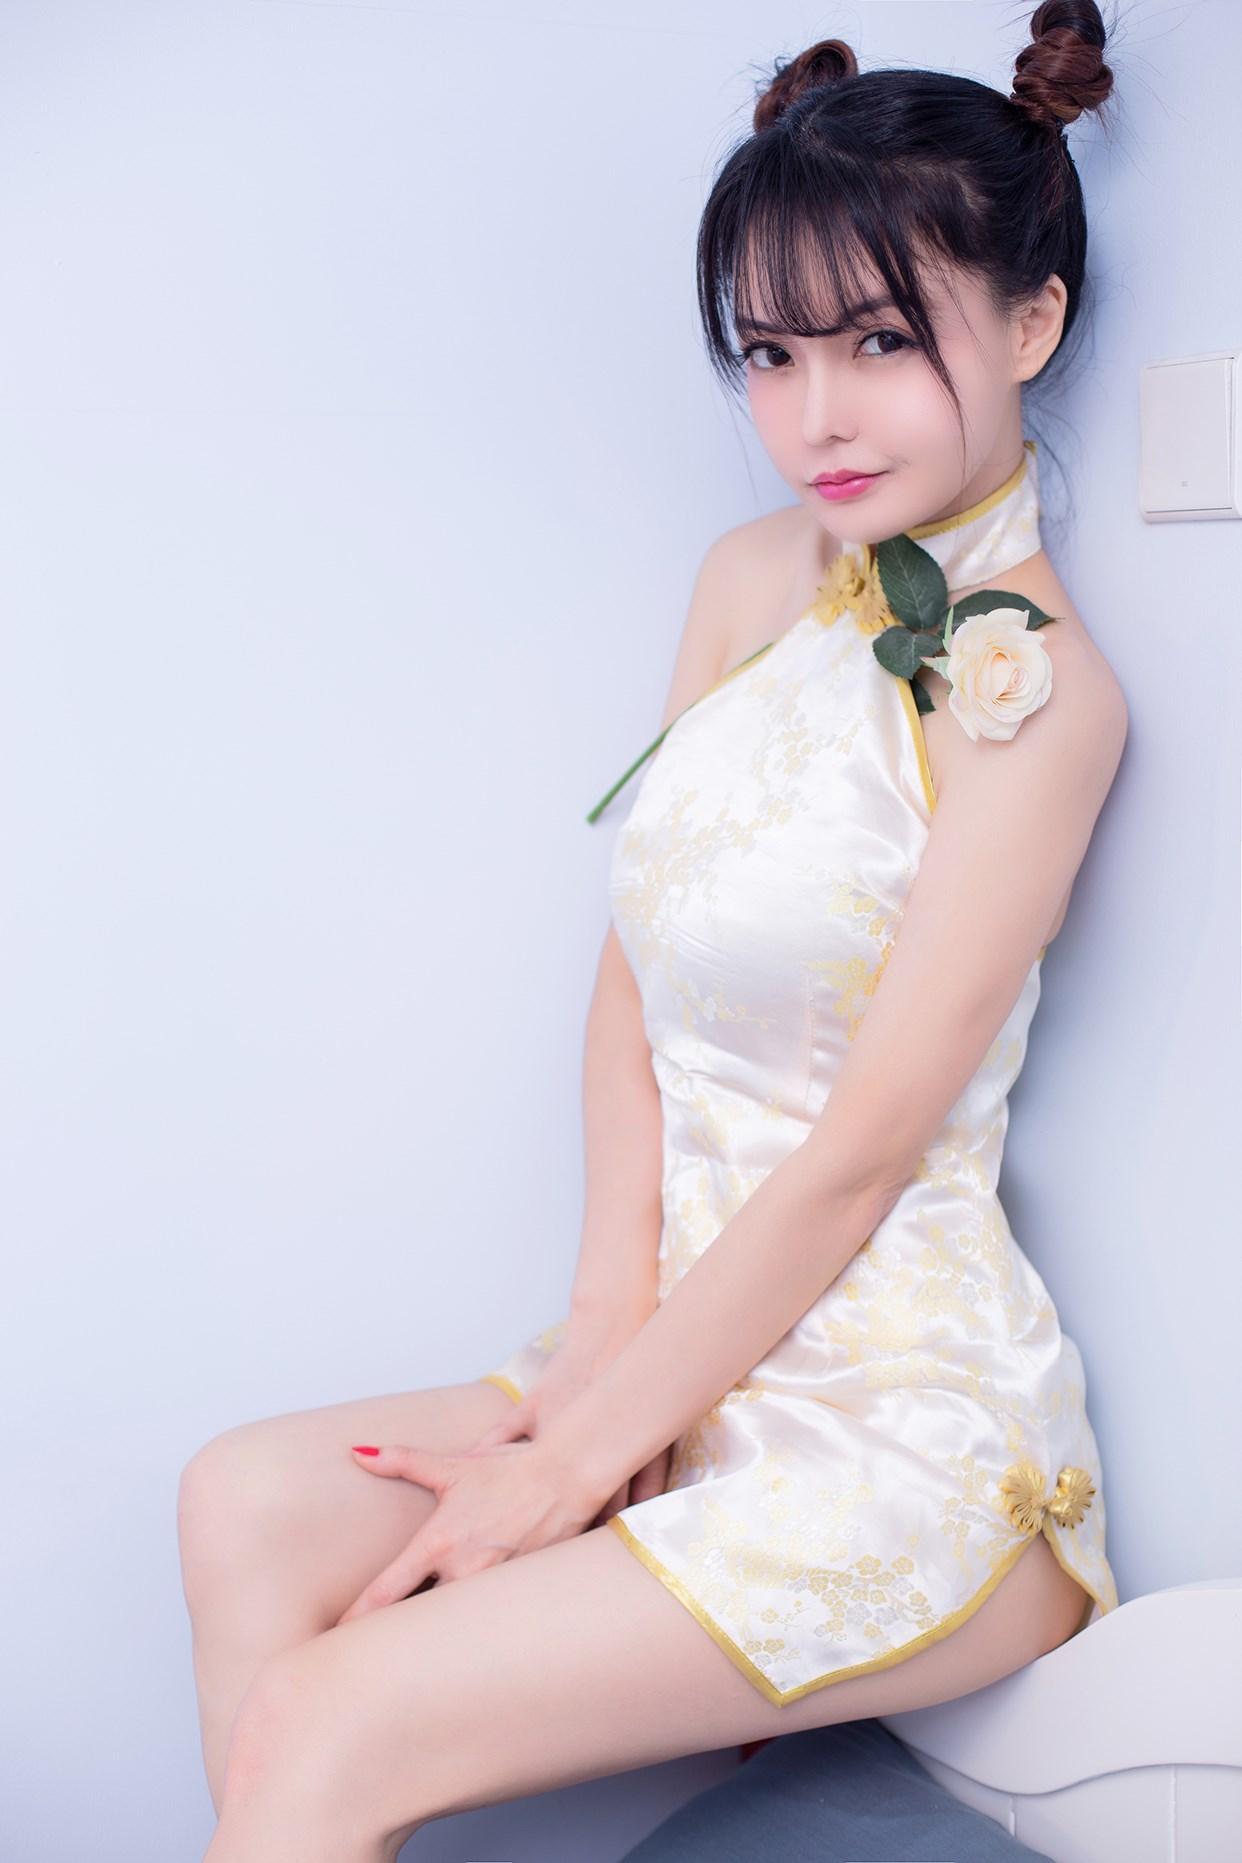 【兔玩映画】诱惑旗袍 兔玩映画 第27张